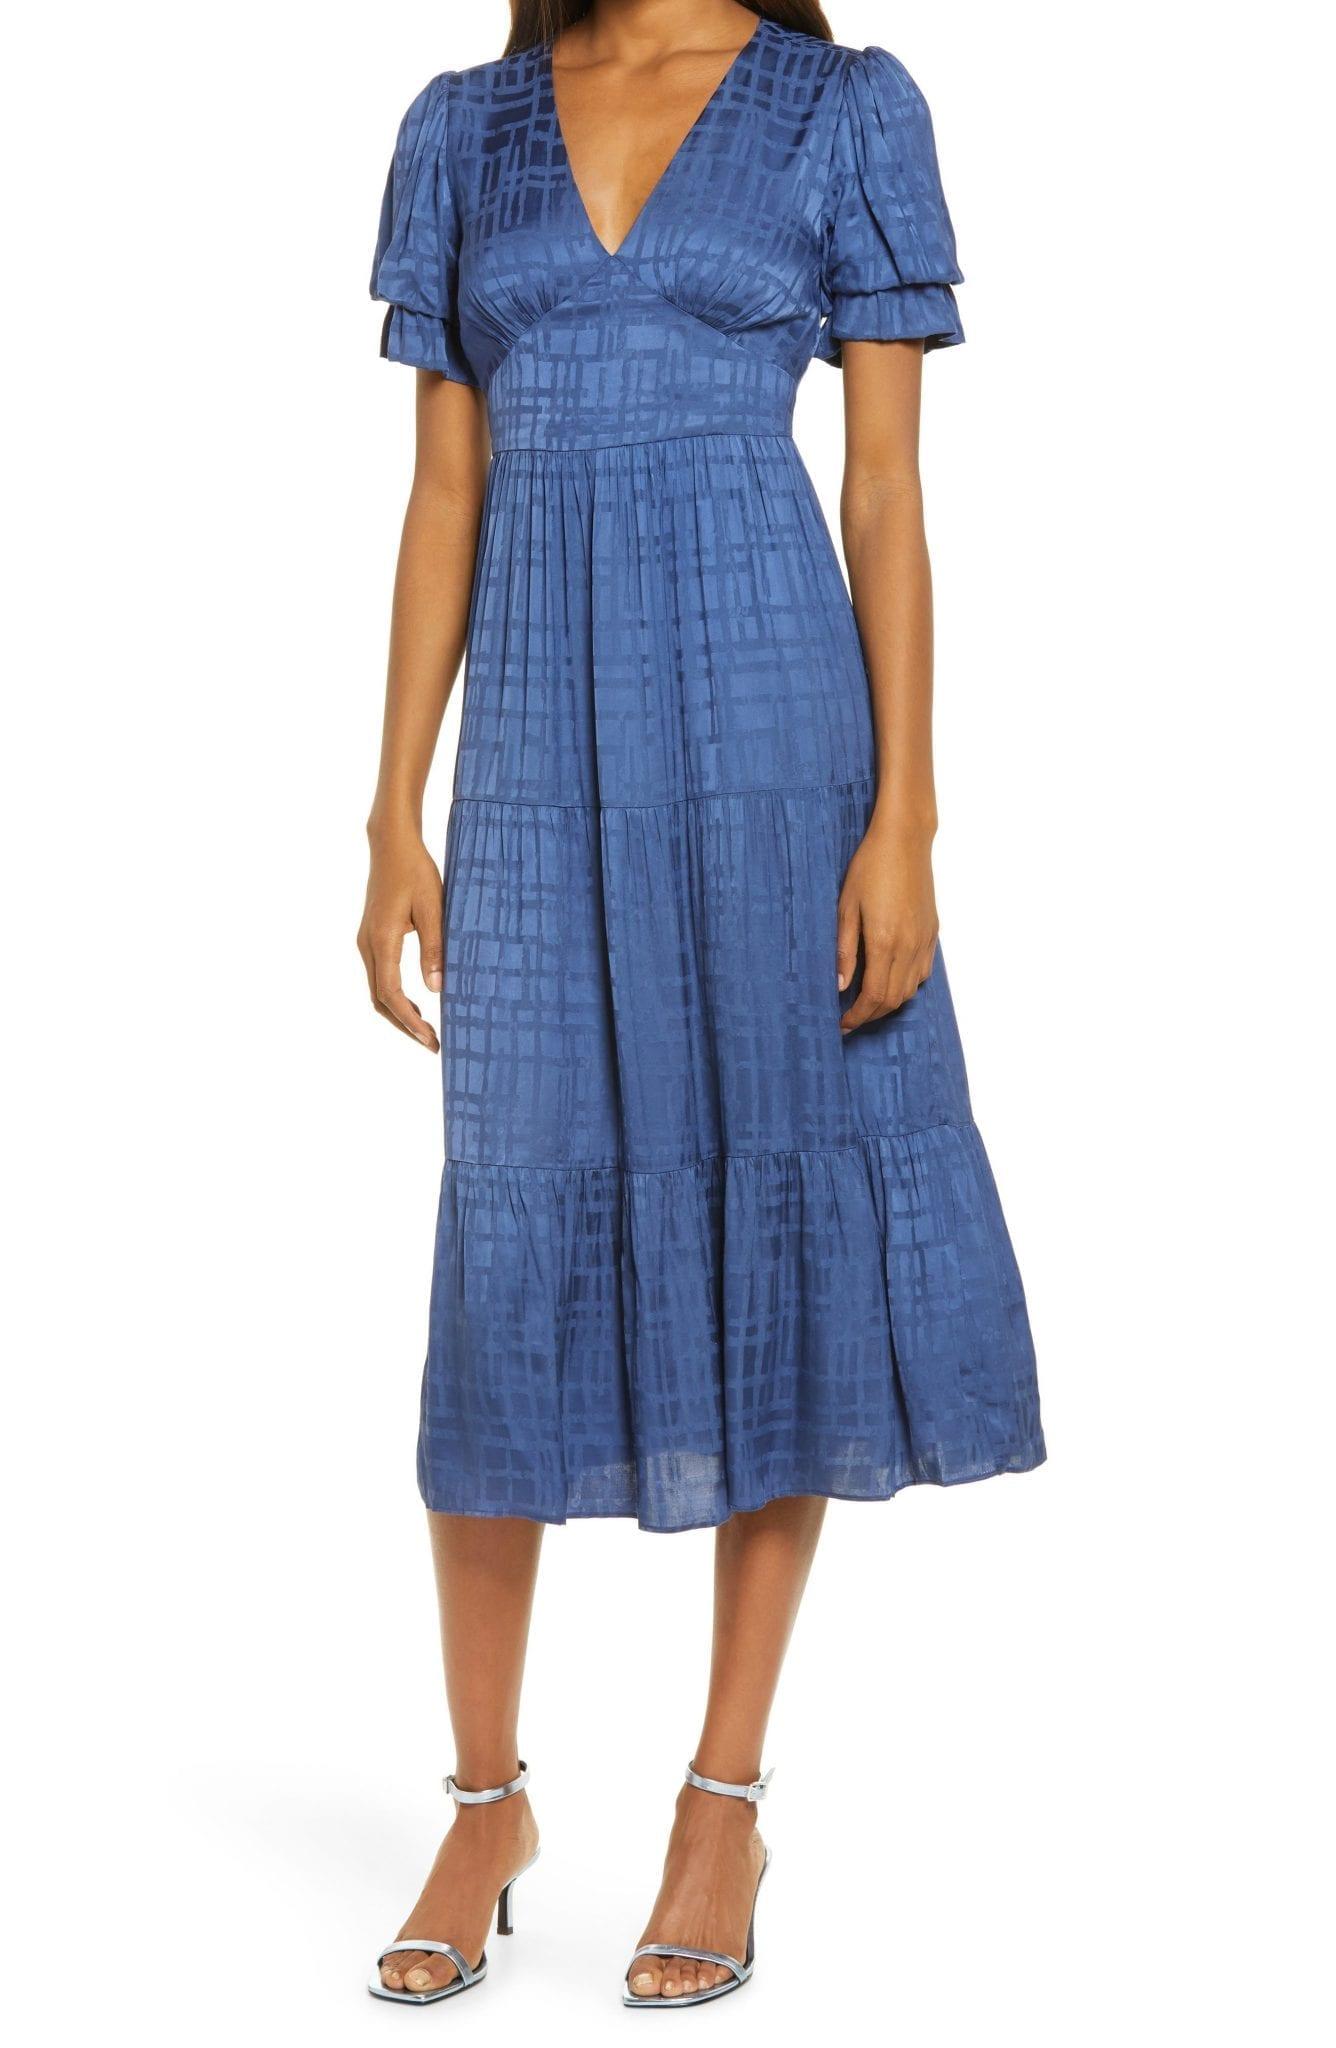 ADELYN RAE Marvella Jacquard Midi Dress